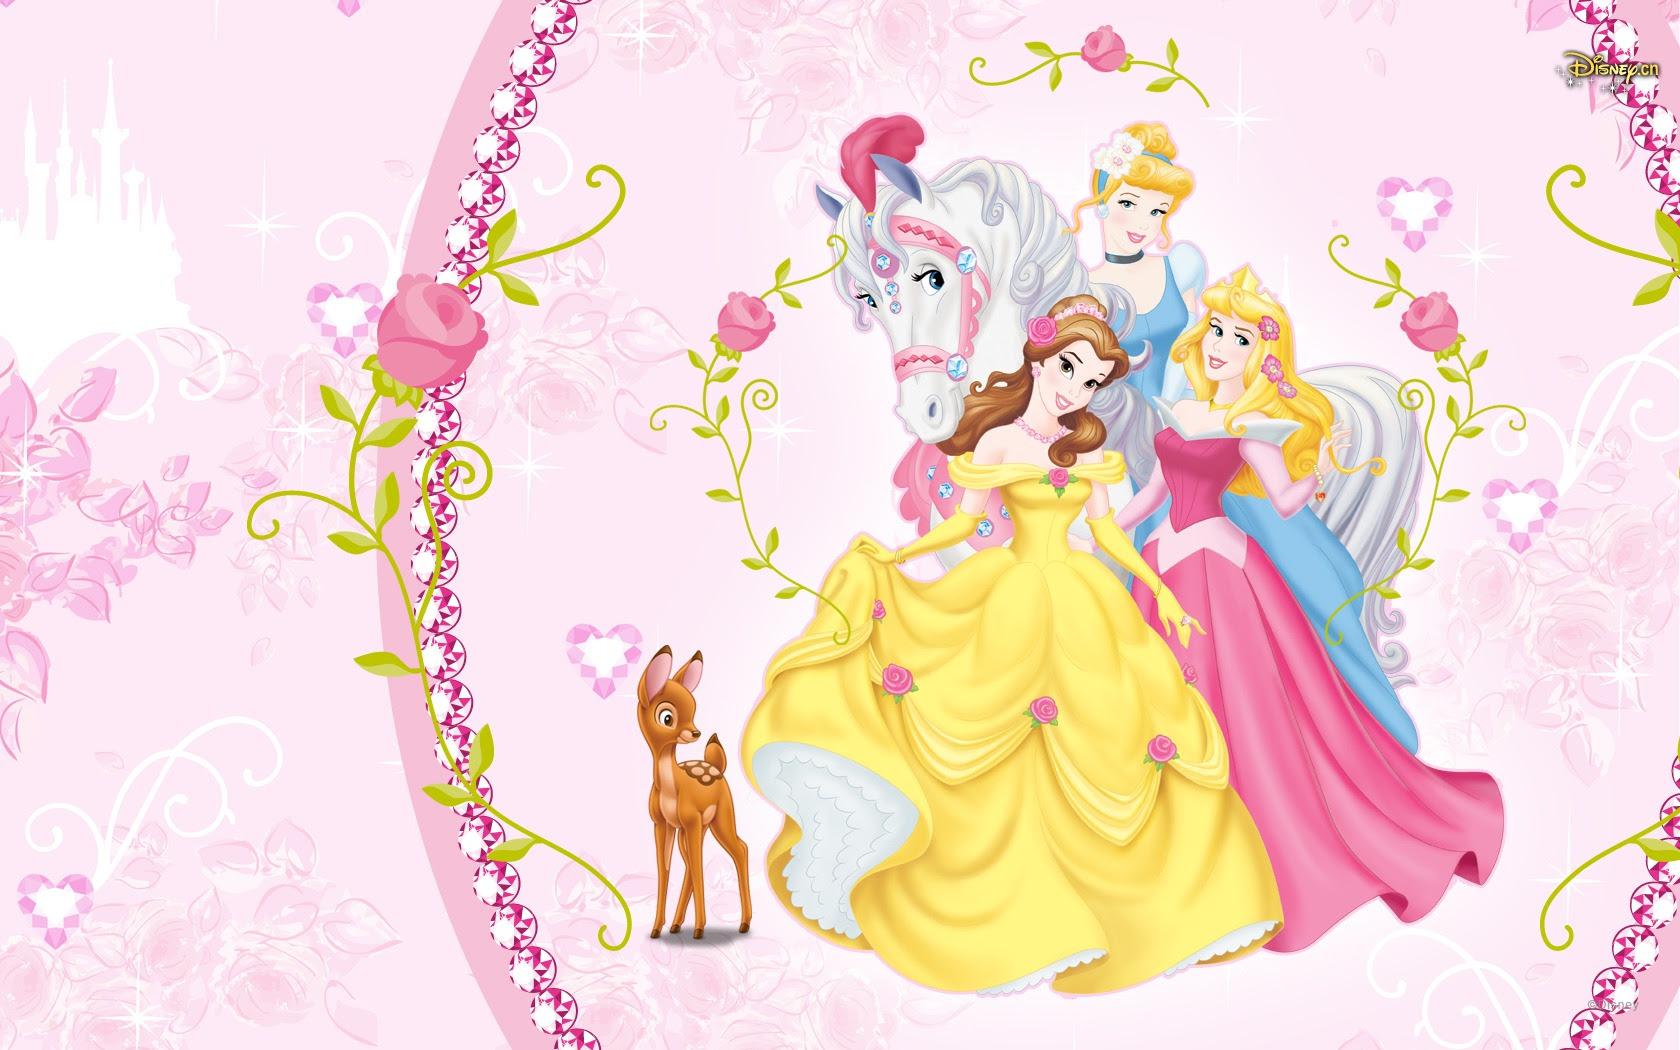 プリンセスディズニーアニメの壁紙 3 18 1680x1050 壁紙